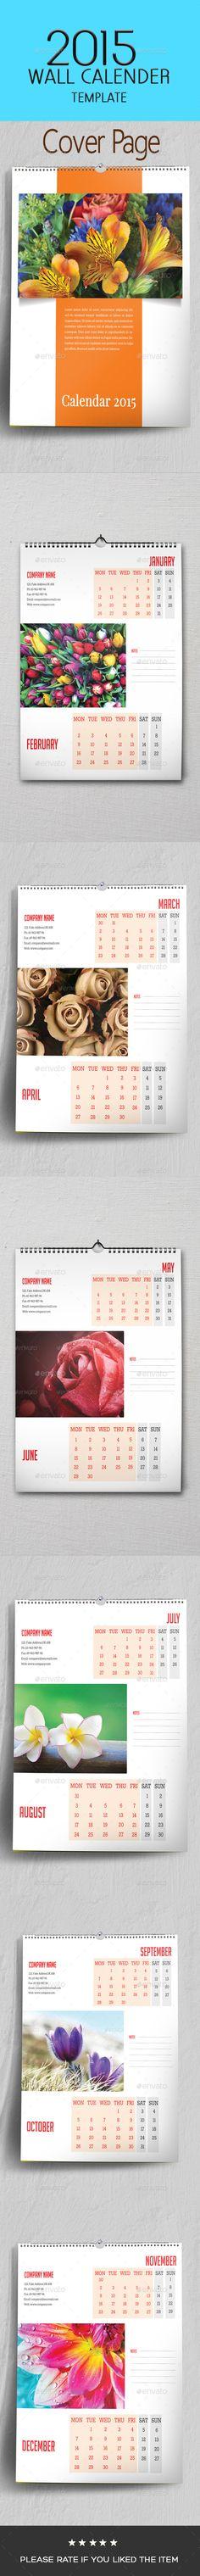 Wall Calendar 2016 Calendars 2016, Template and Calendar design - business calendar templates